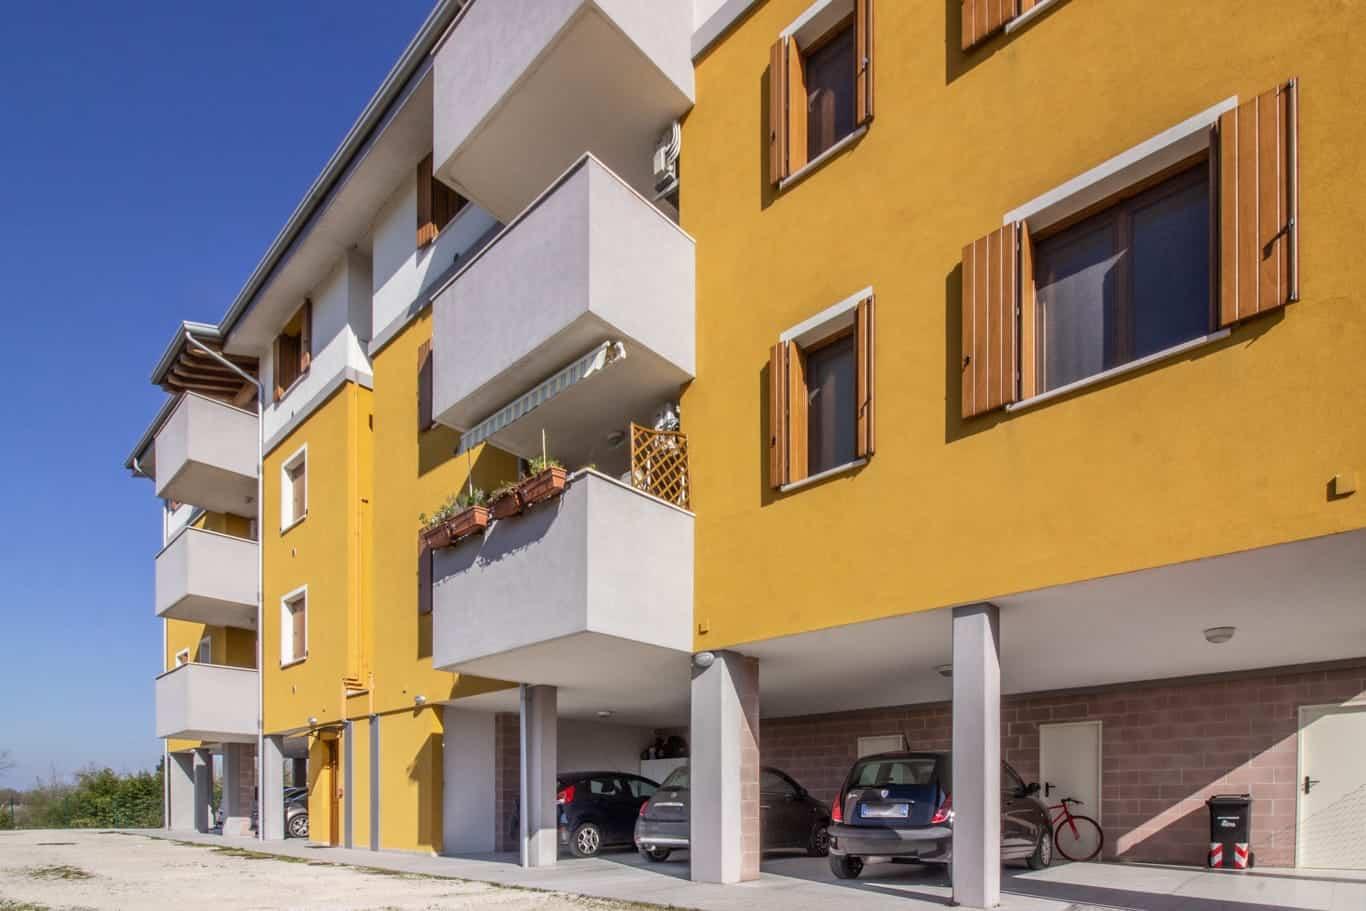 homelead-immobiliare-appartamento-vallenoncello-piazza-valle (8 of 8)